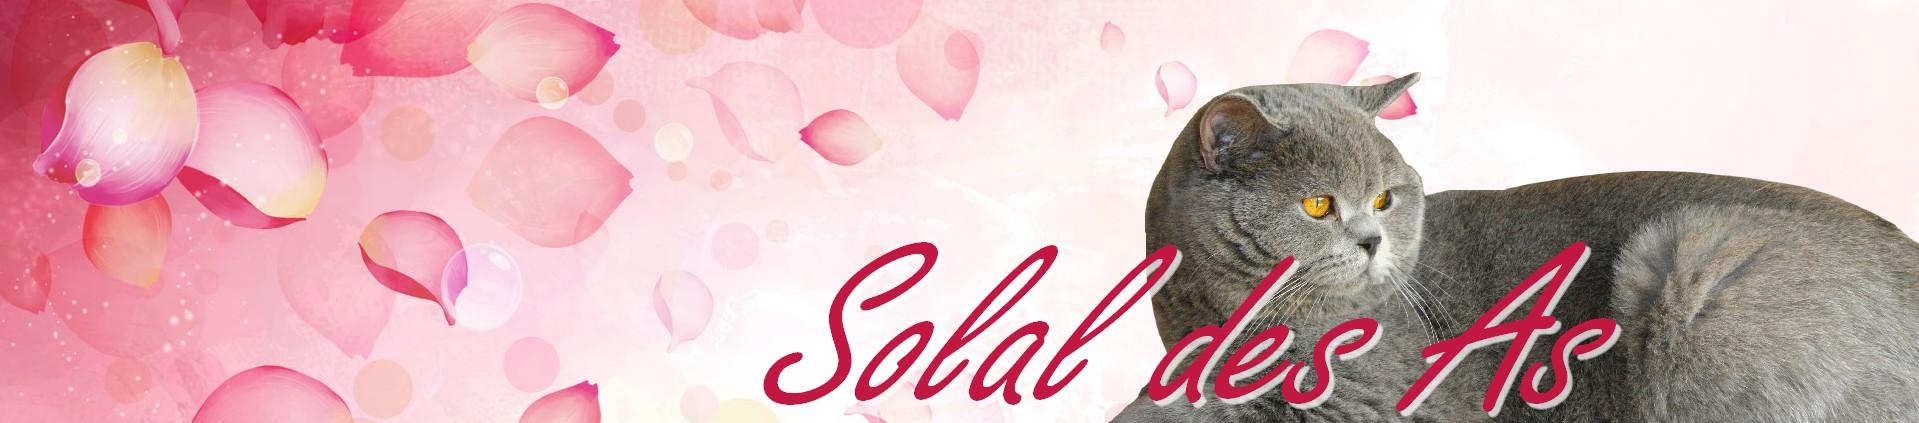 Solal_des_As1